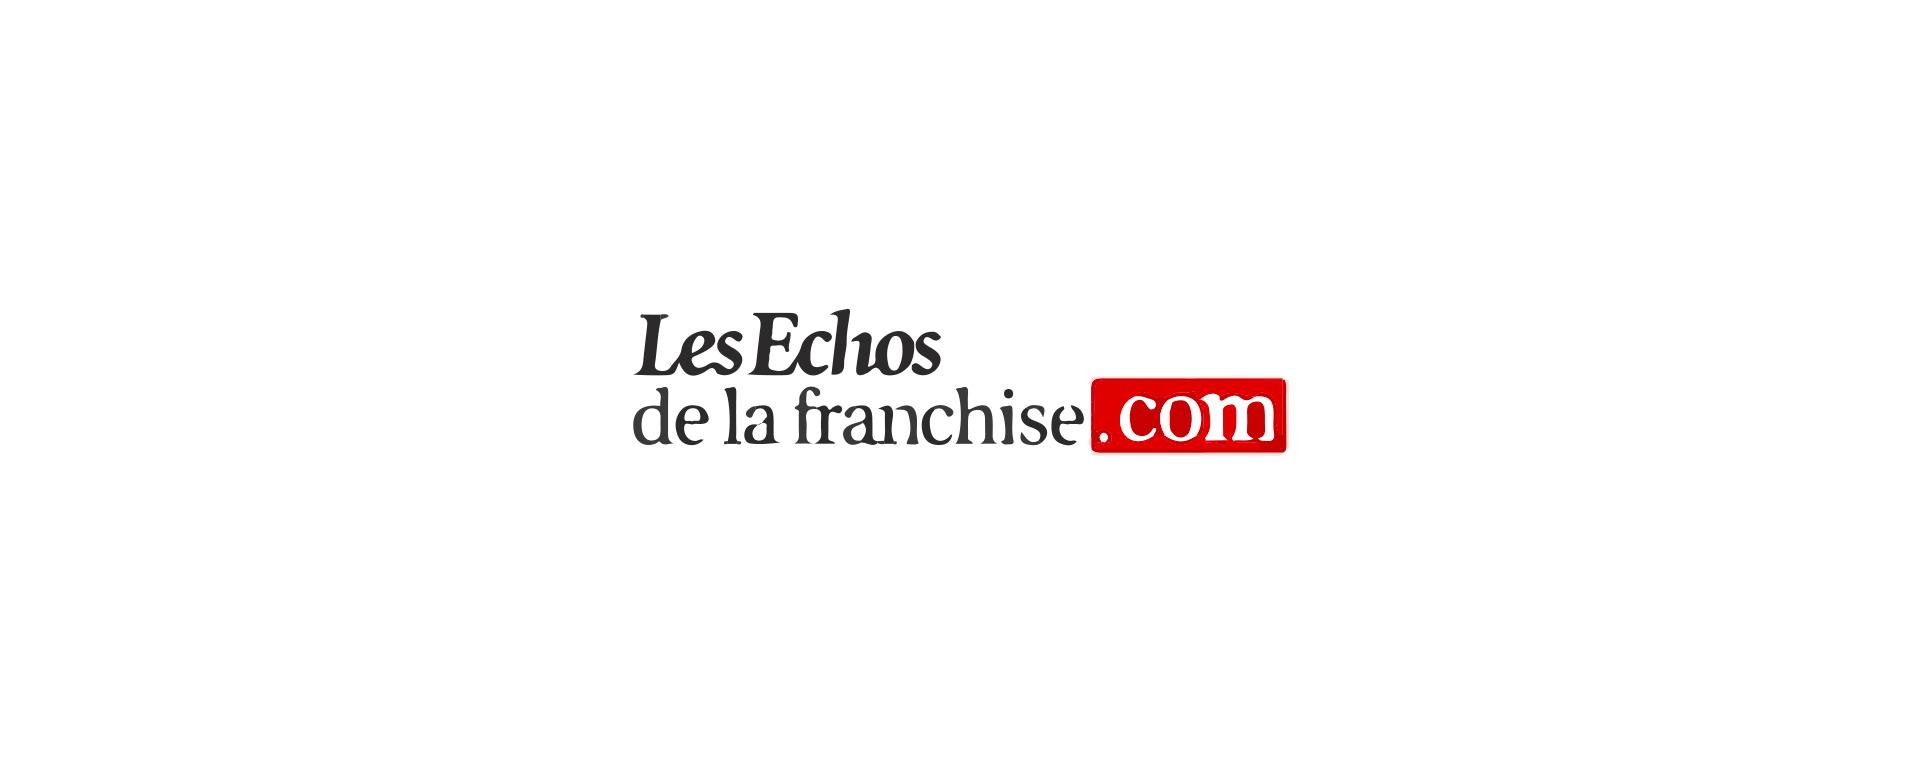 Revue de presse Nachos Les échos de la franchise